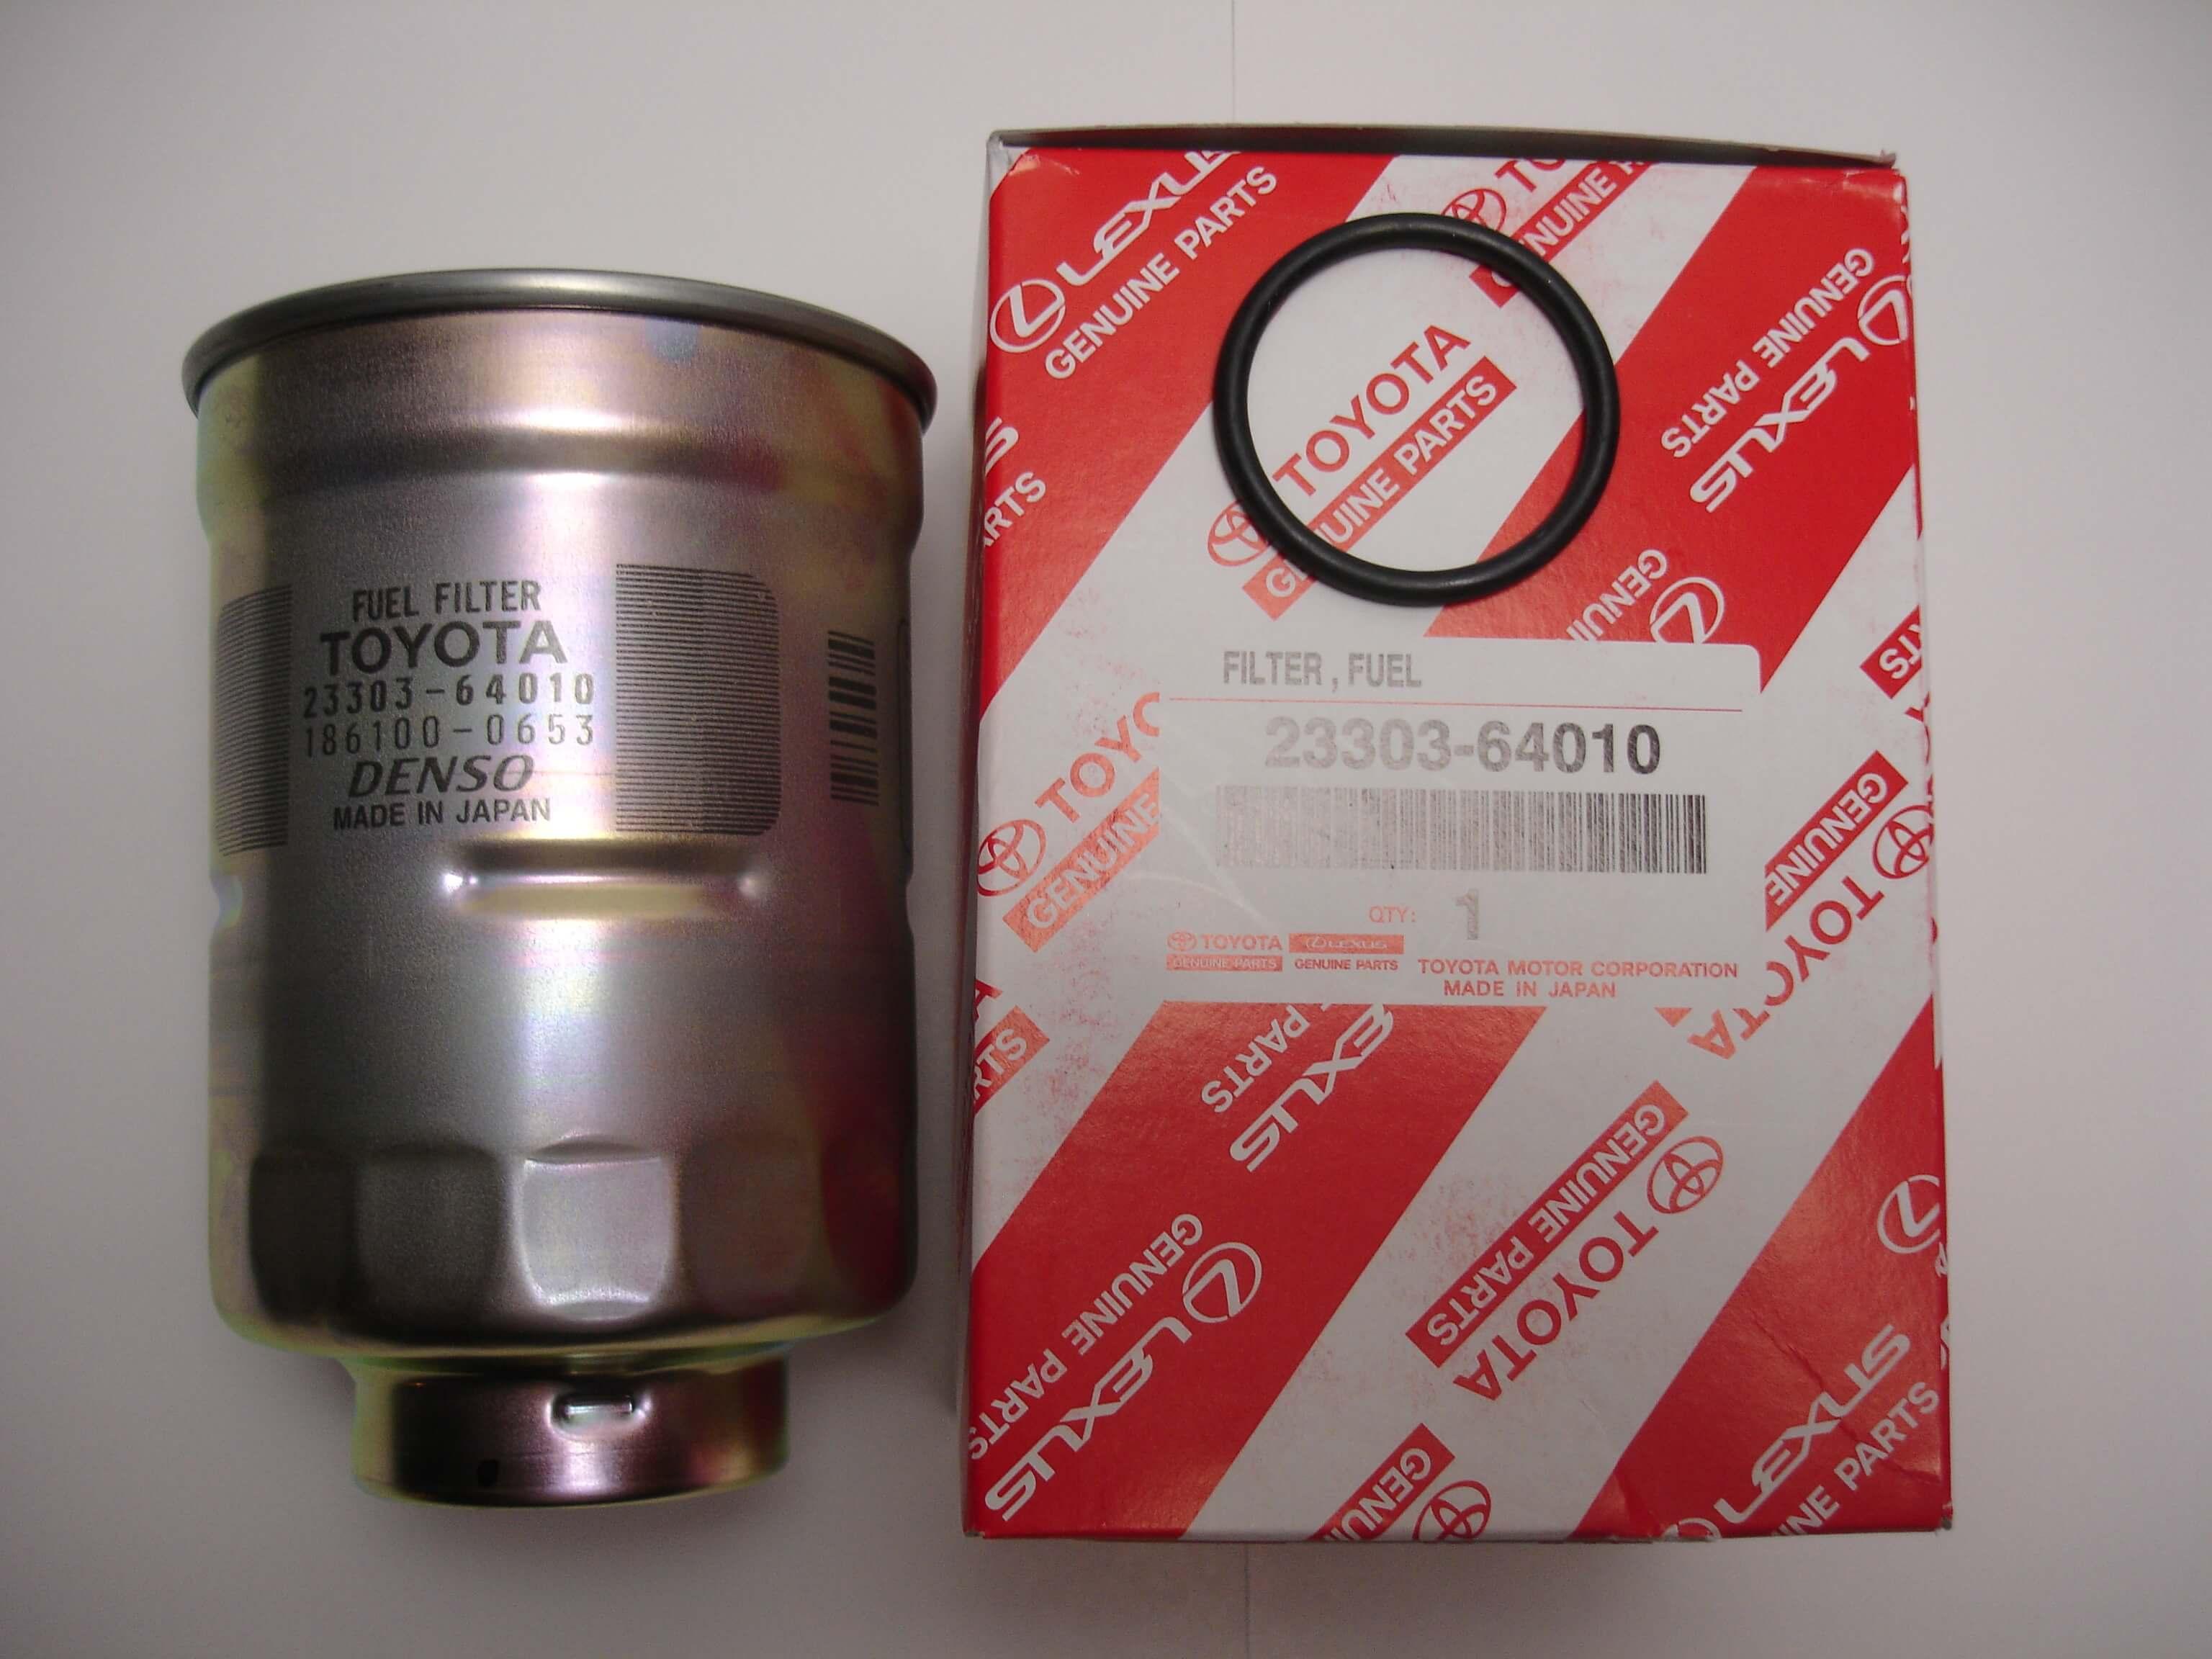 Toyota OEM Fuel Filter for 1KZ 1KD 2KD Diesel 4Runner Land Cruiser  23303-64010